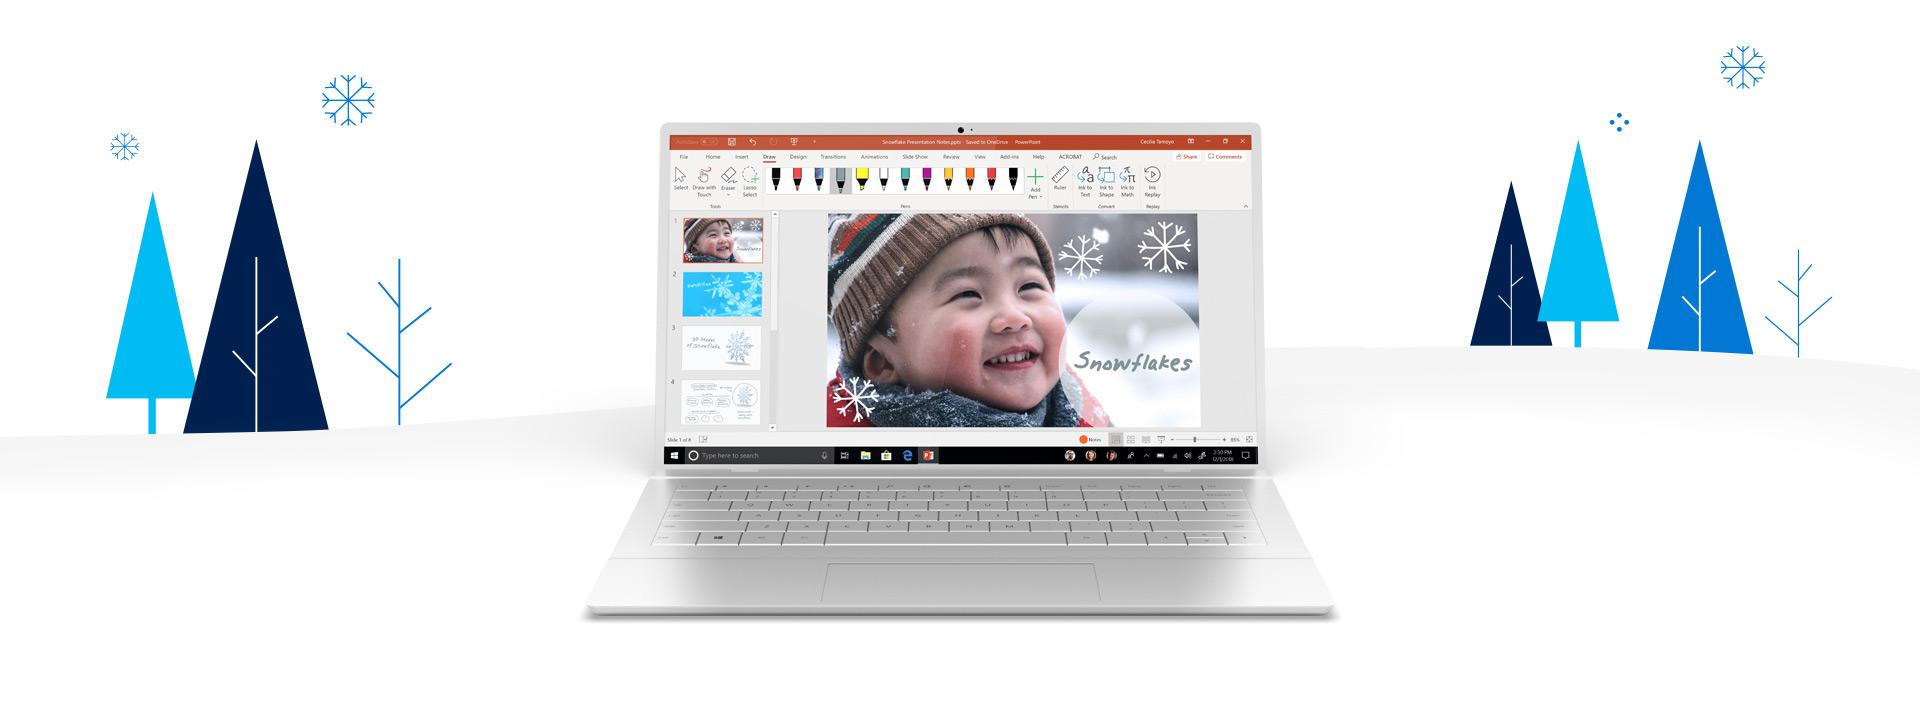 Un PC entouré de flocons de neige et d'arbres avec un document PowerPoint ouvert